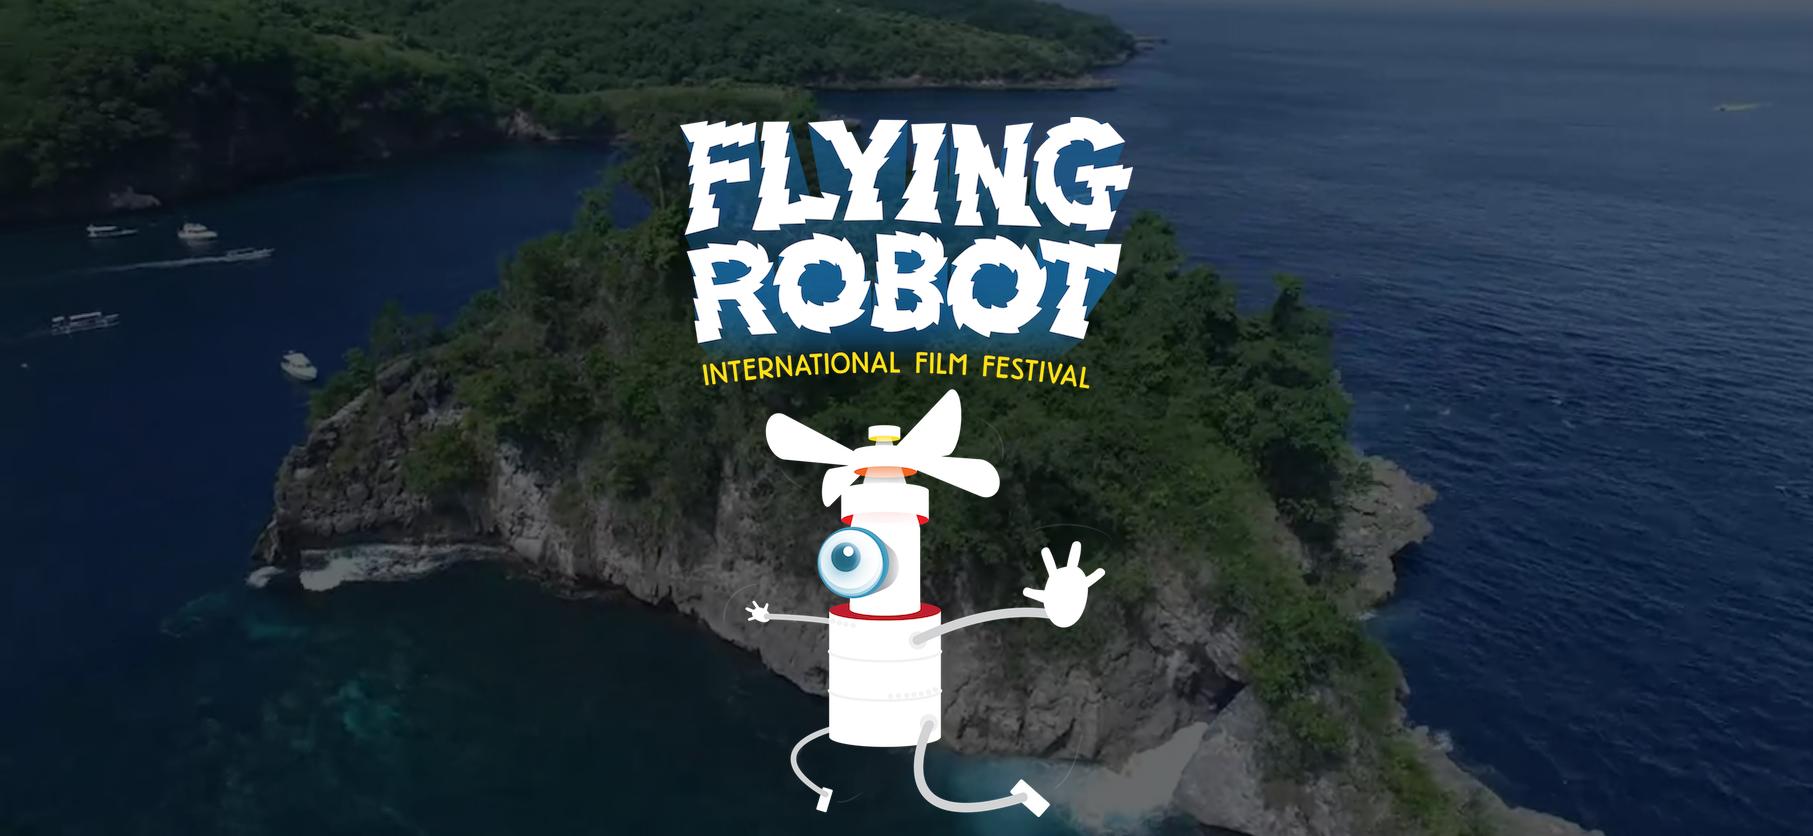 flying robot international film festival